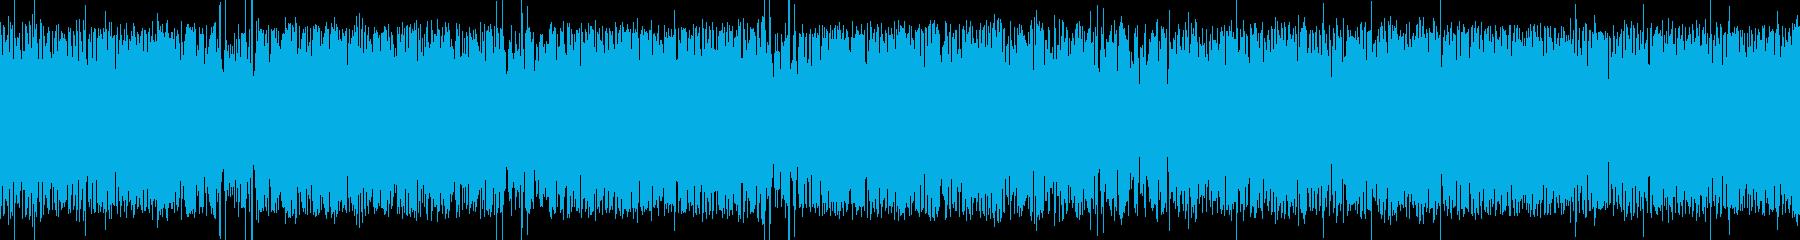 蒸気機関車(SL)の走行音(ドイツ)の再生済みの波形